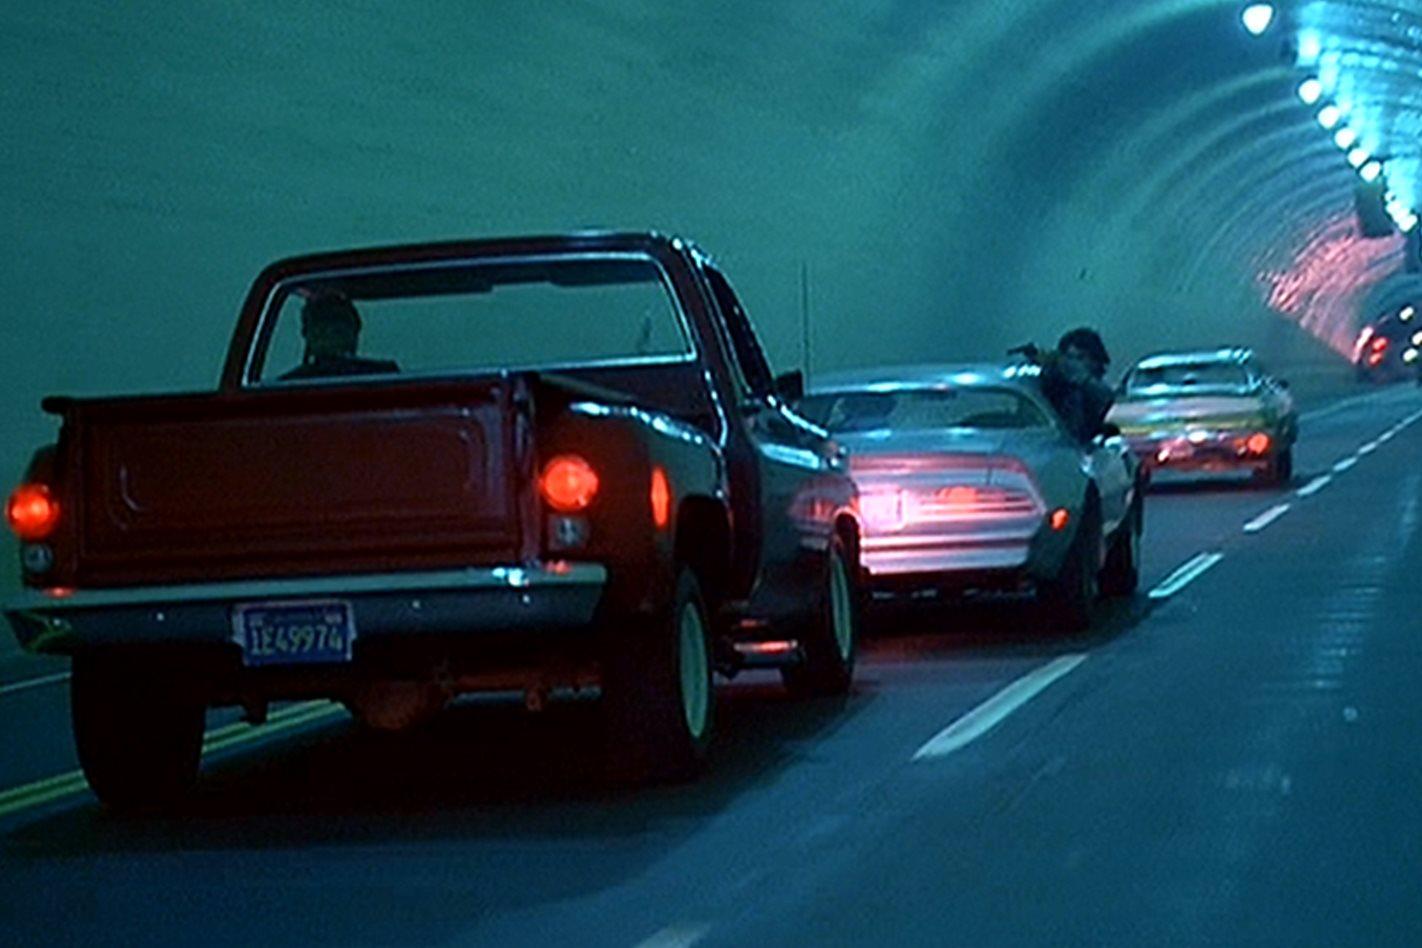 The Driver tunnel scene